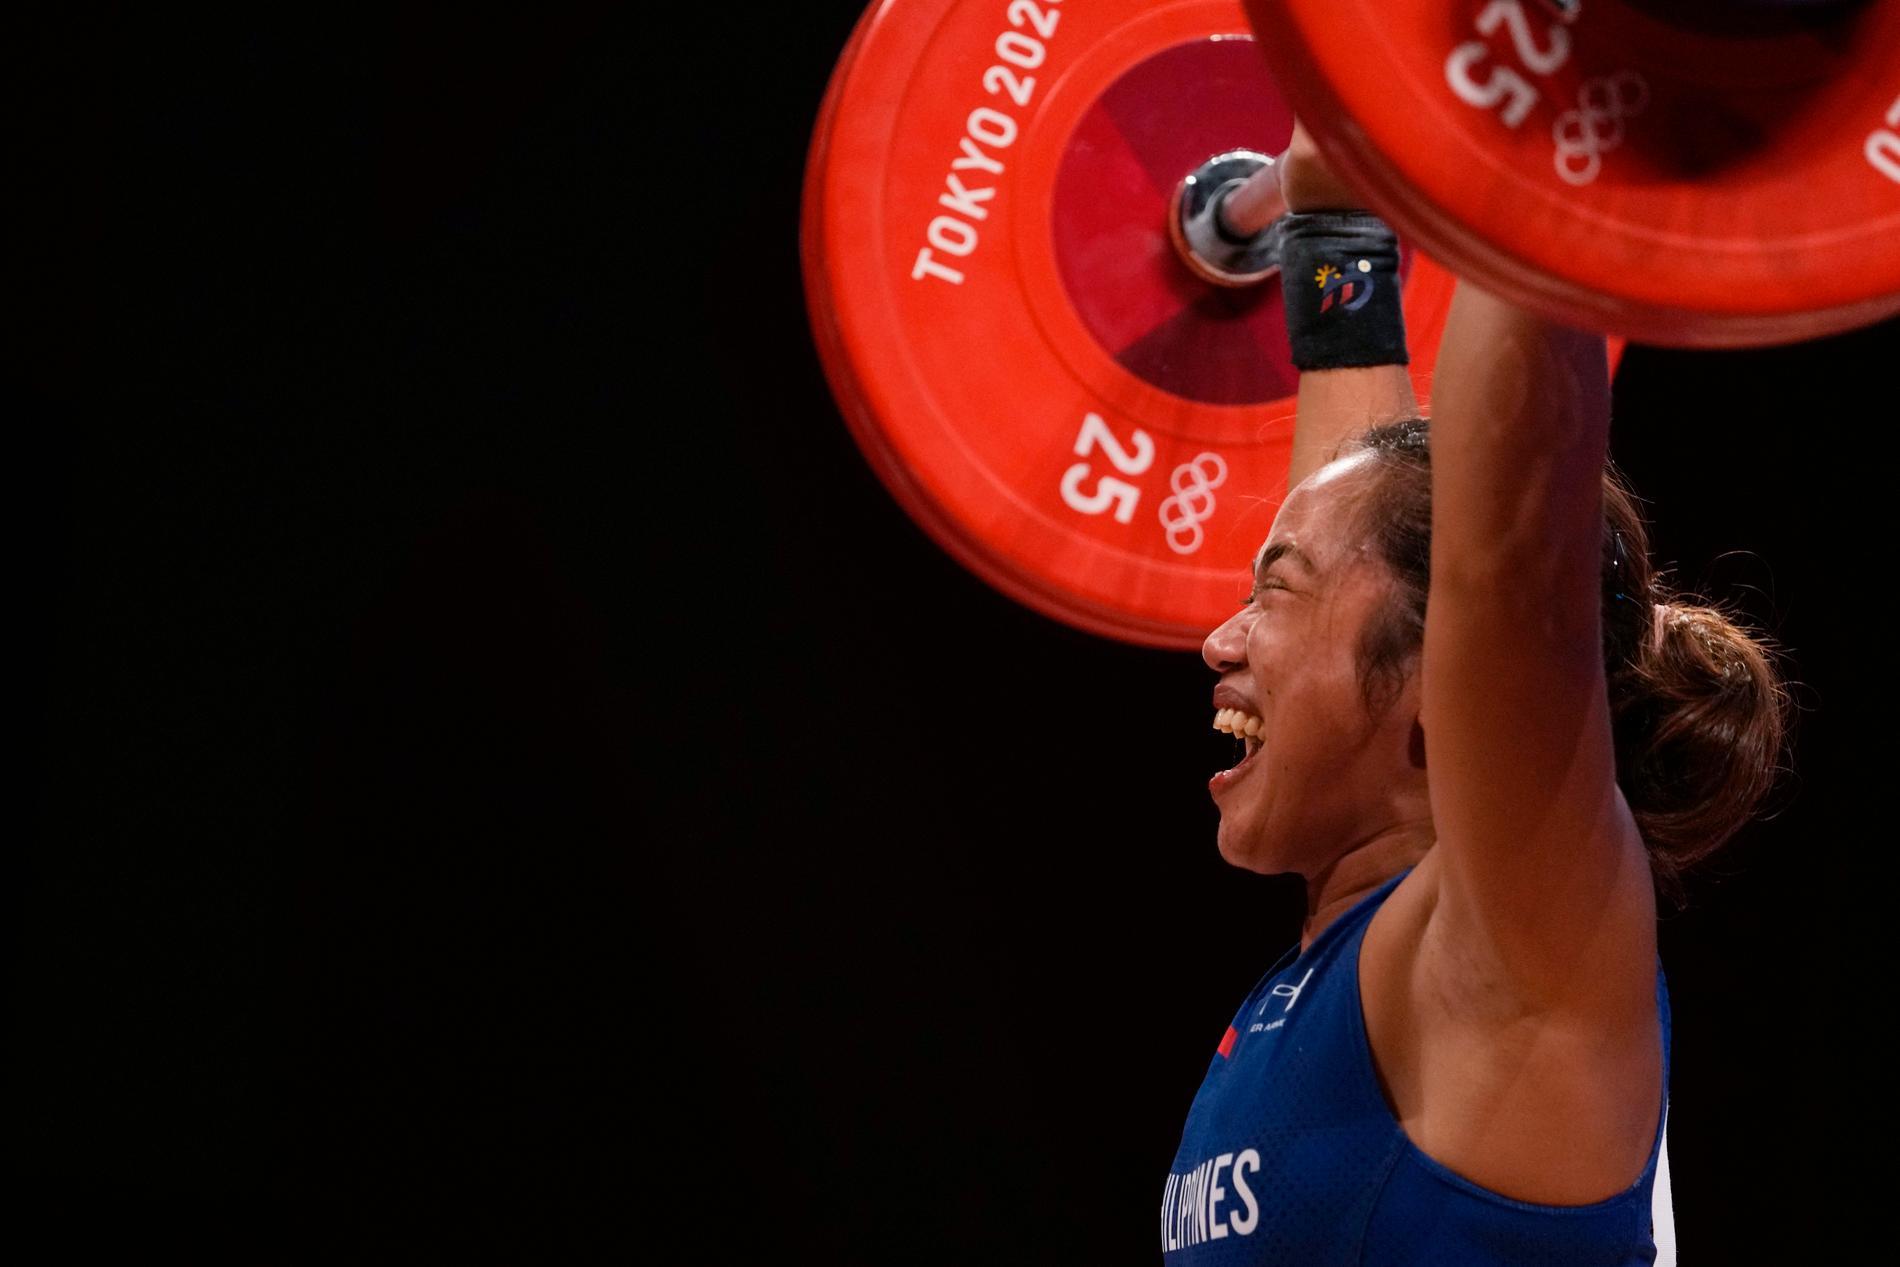 Hidilyn Diaz slog både OS-rekord och vann Filippinernas första OS-guld någonsin.